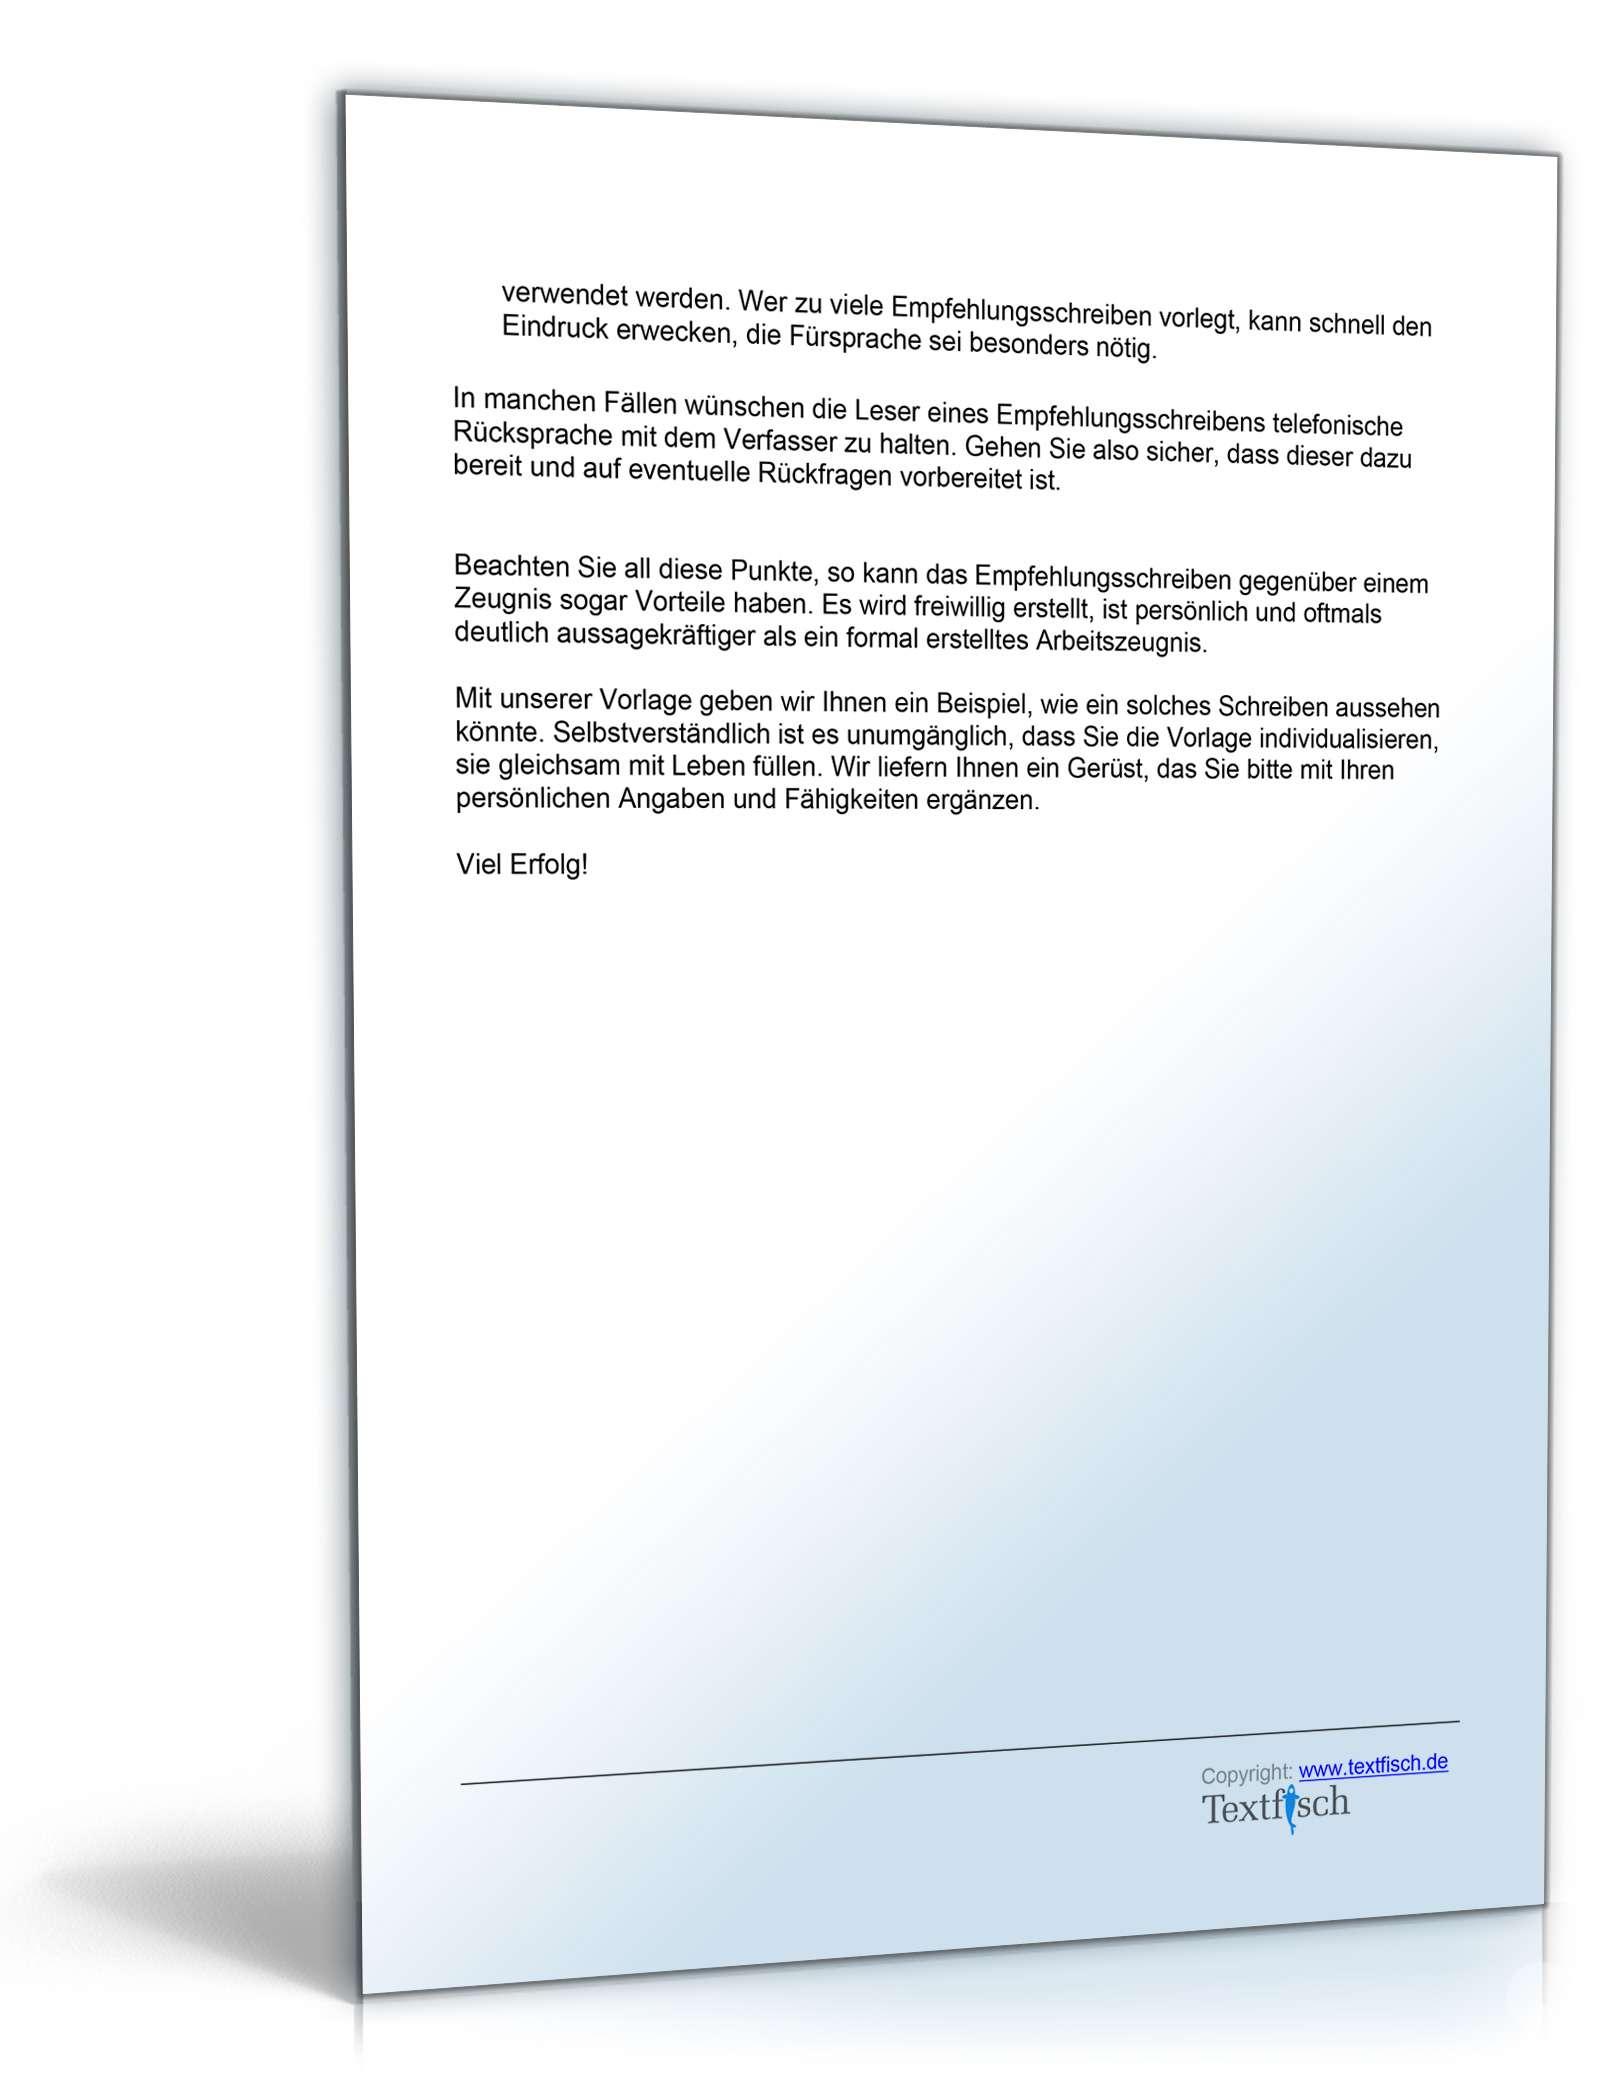 Referenzschreiben für einen Texter - Musterbrief zum Download